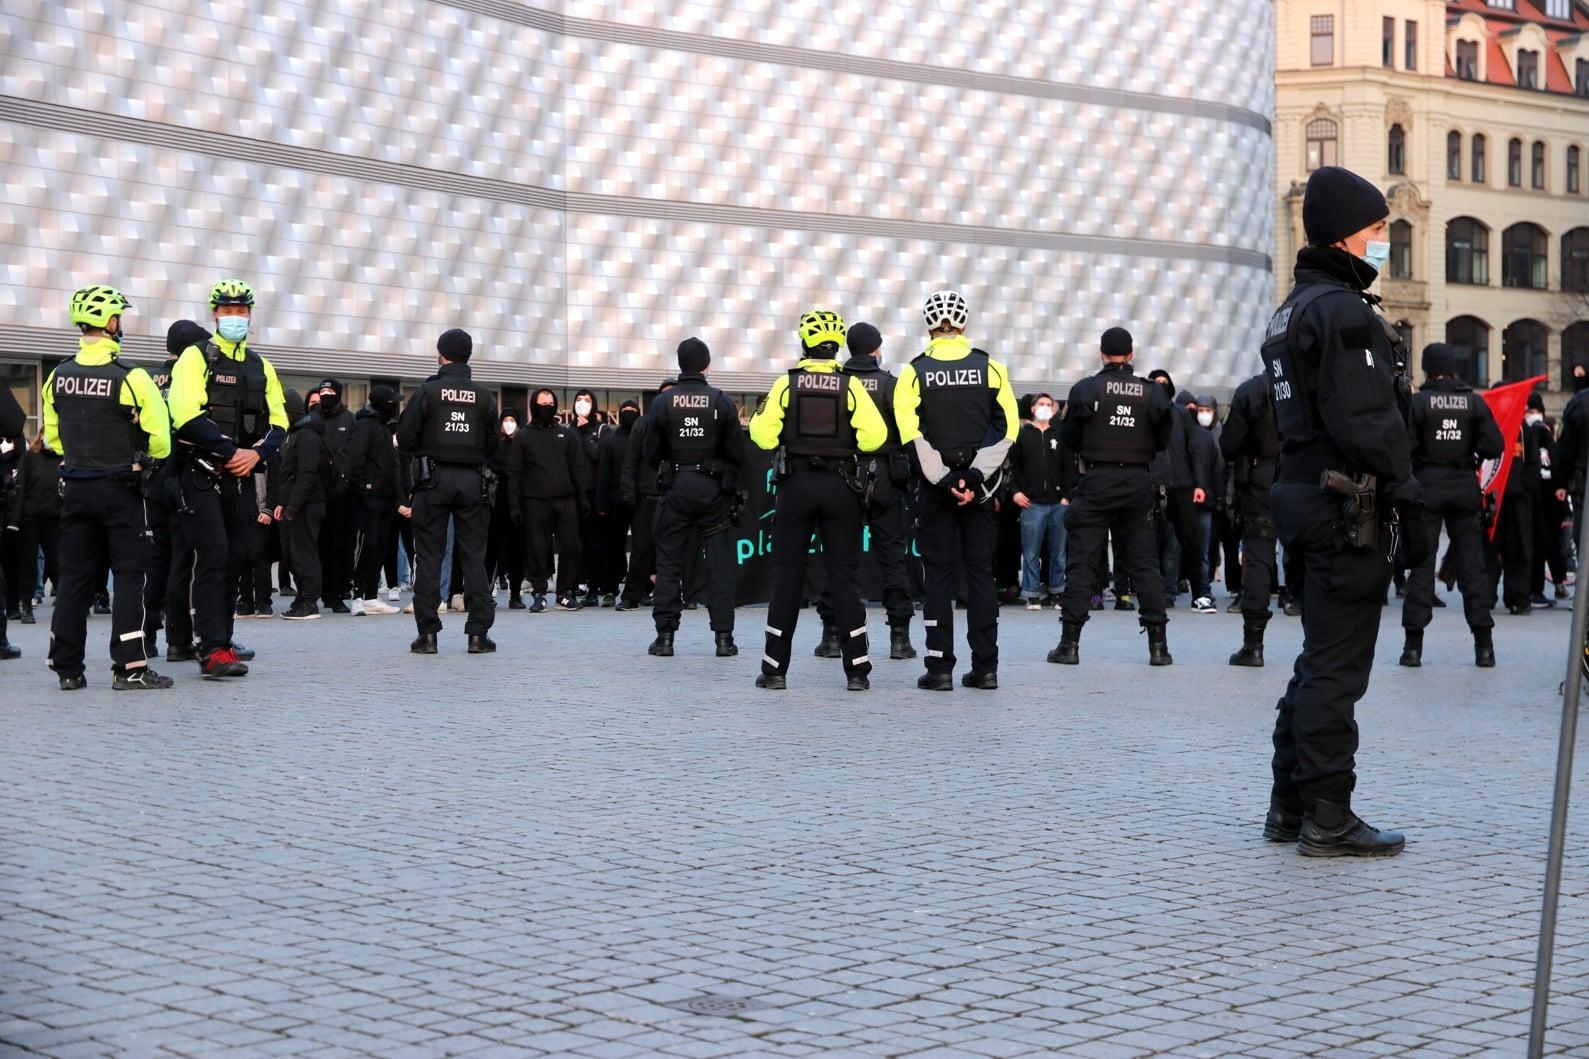 Der Gegenprotest in schwarz und fest vermummt auf der anderen Seite des Wagner-Platzes. Foto: LZ